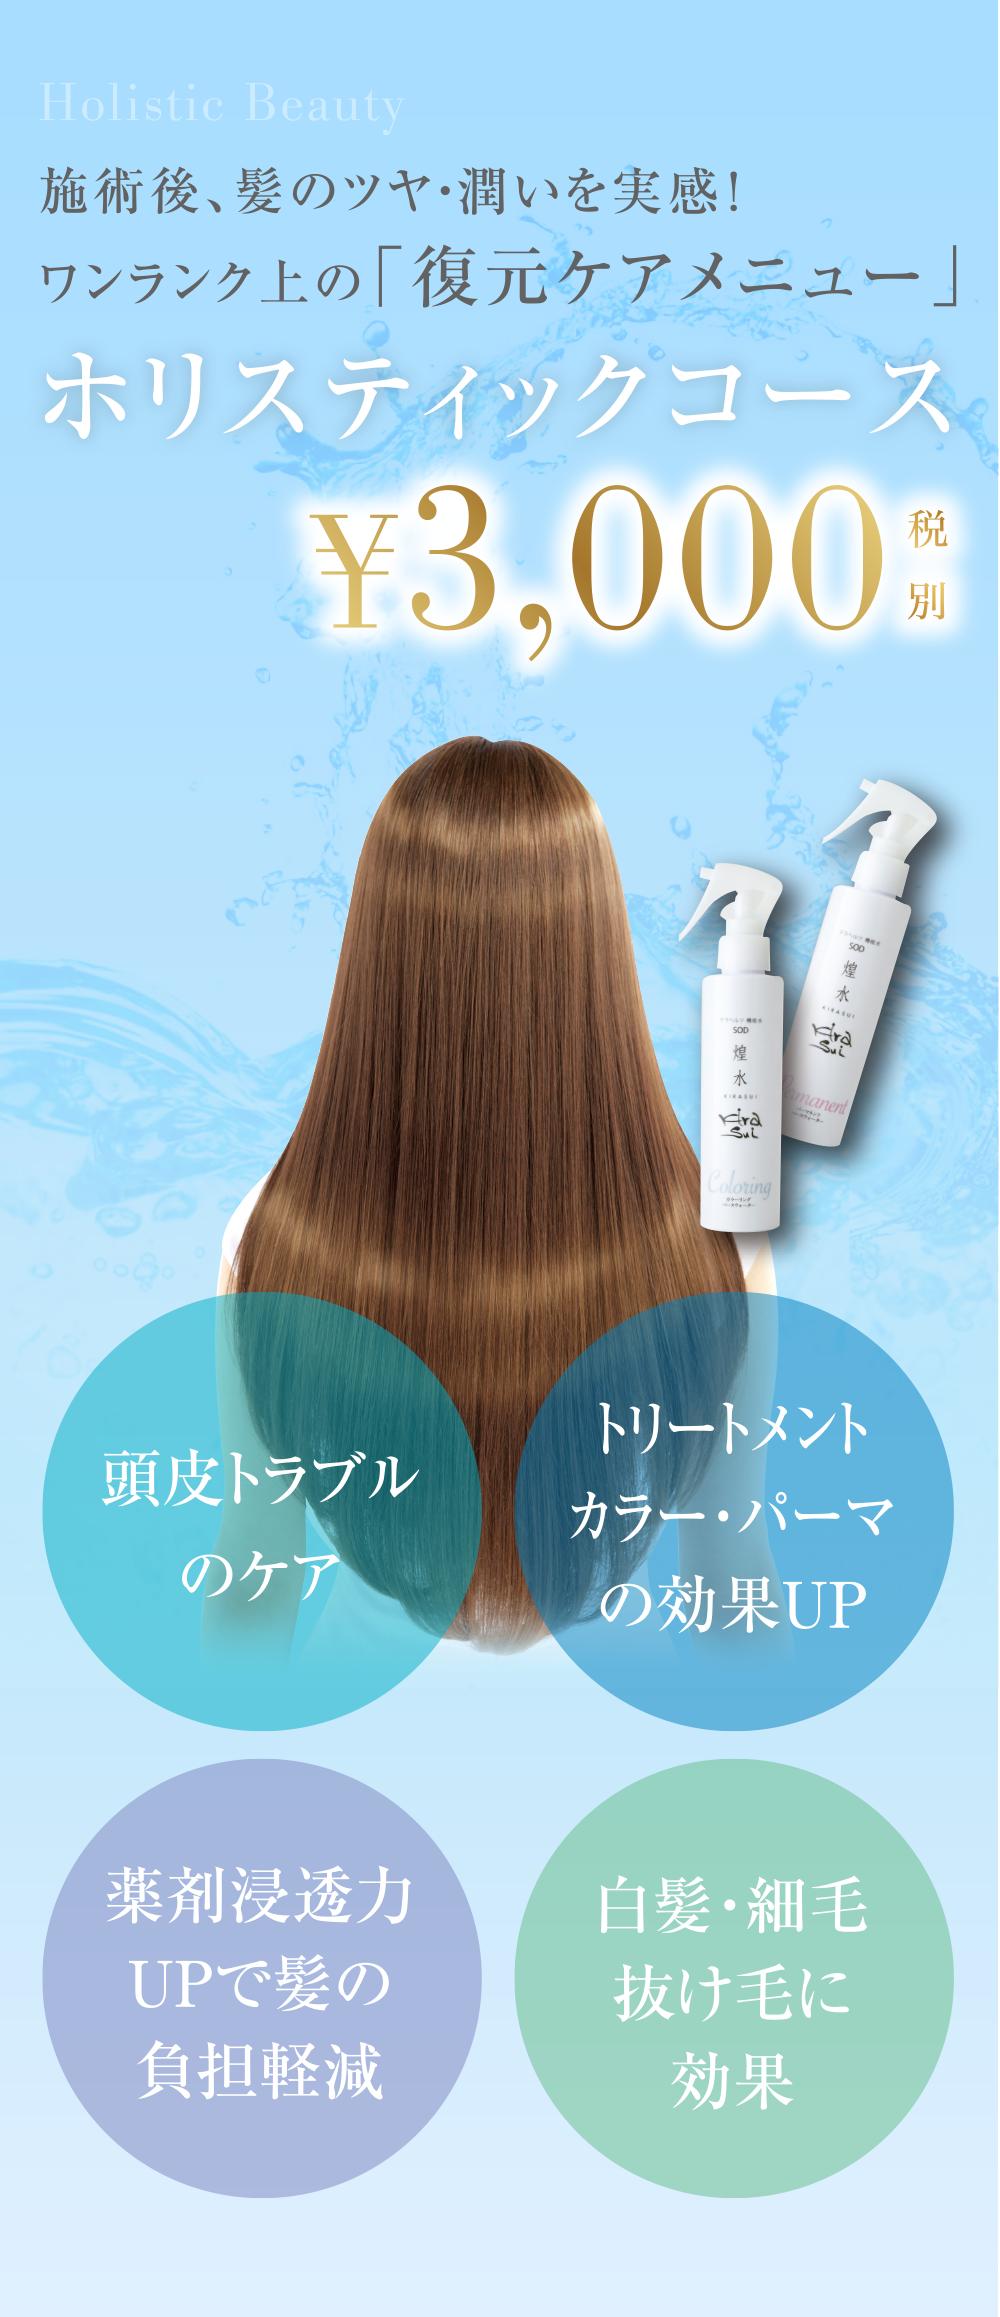 施術後、髪のツヤ・潤いを実感!ワンランク上の「復元ケアメニュー」ホリスティックコース¥3,000(税別)